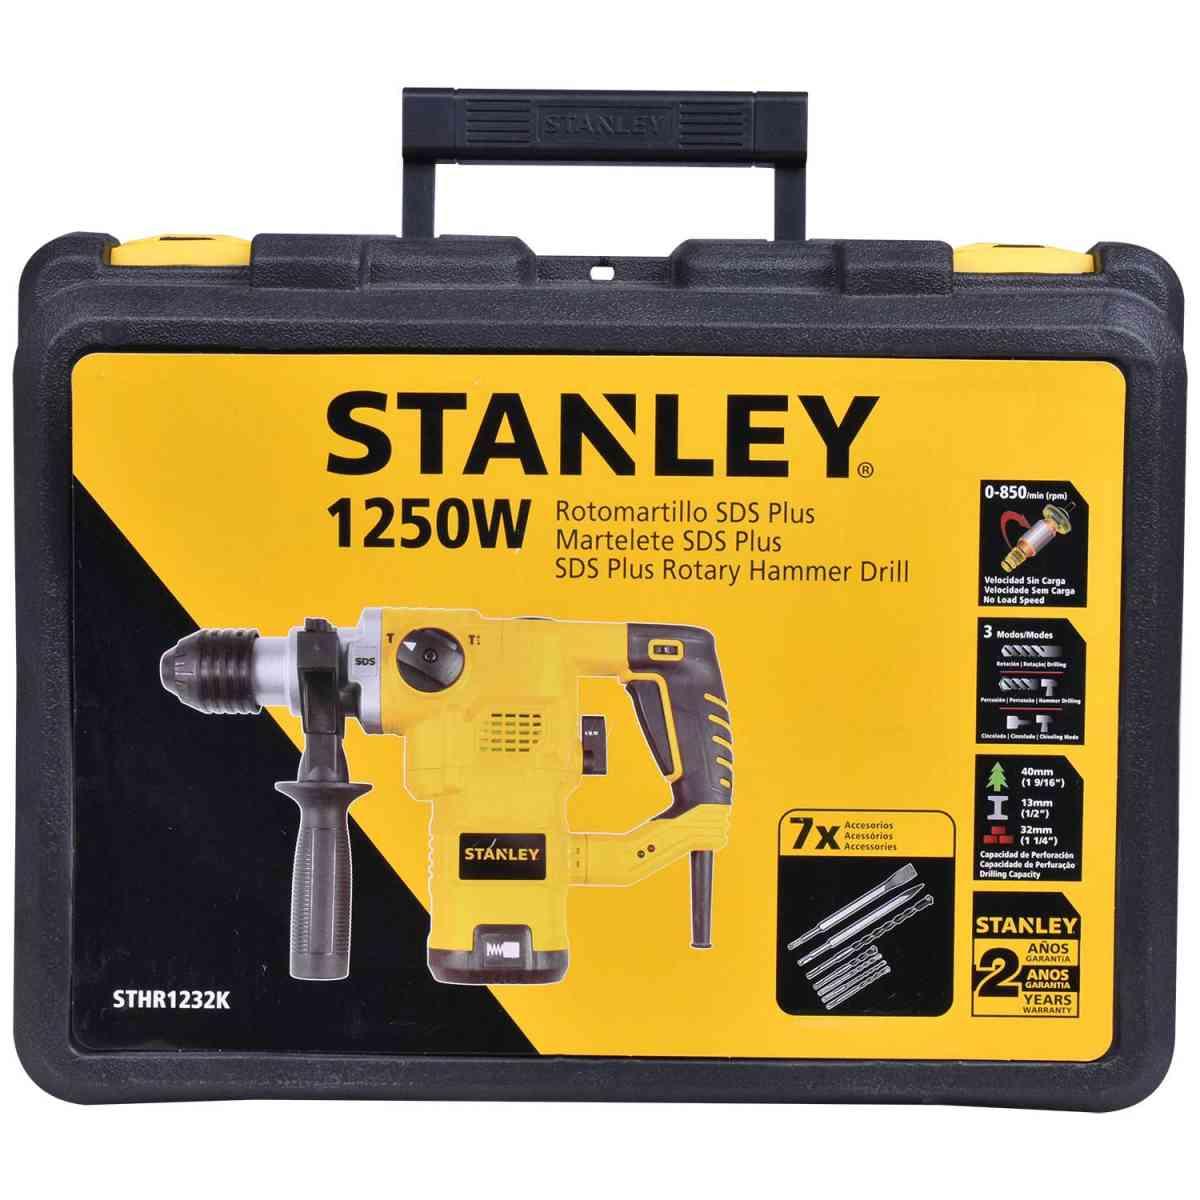 Martelete Perfurador SDS Plus 1250W STANLEY STHR1232K